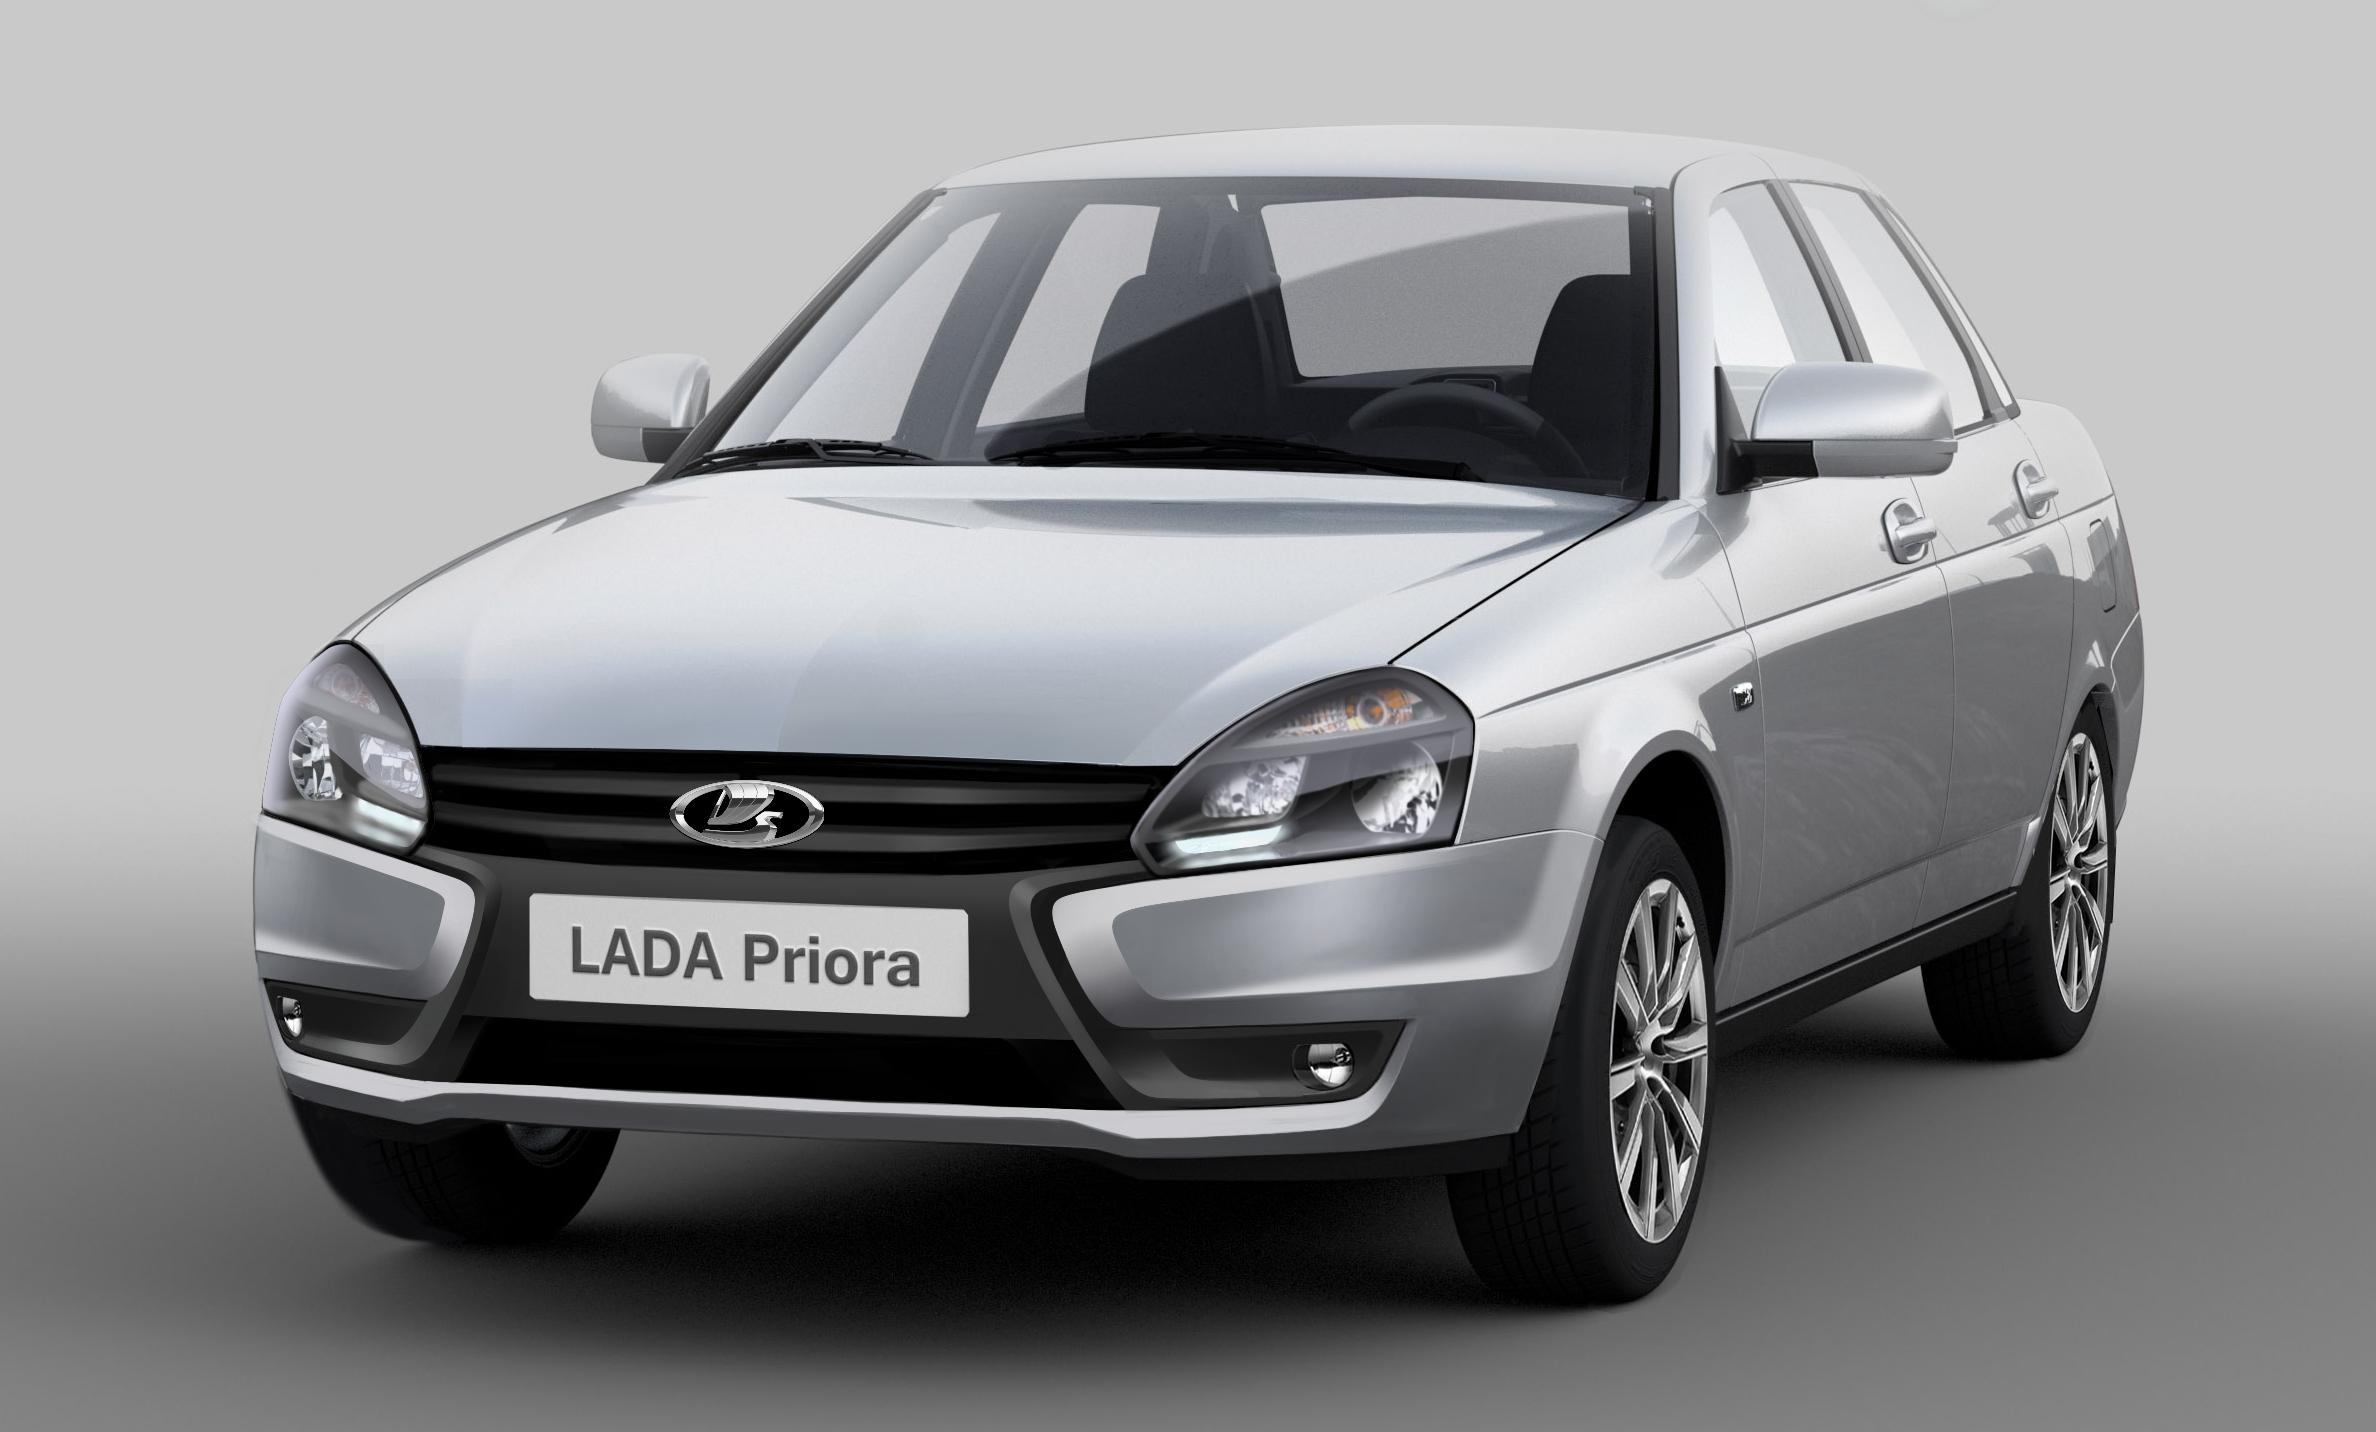 «АвтоВАЗ» может закончить выпуск известного автомобиля Лада Priora